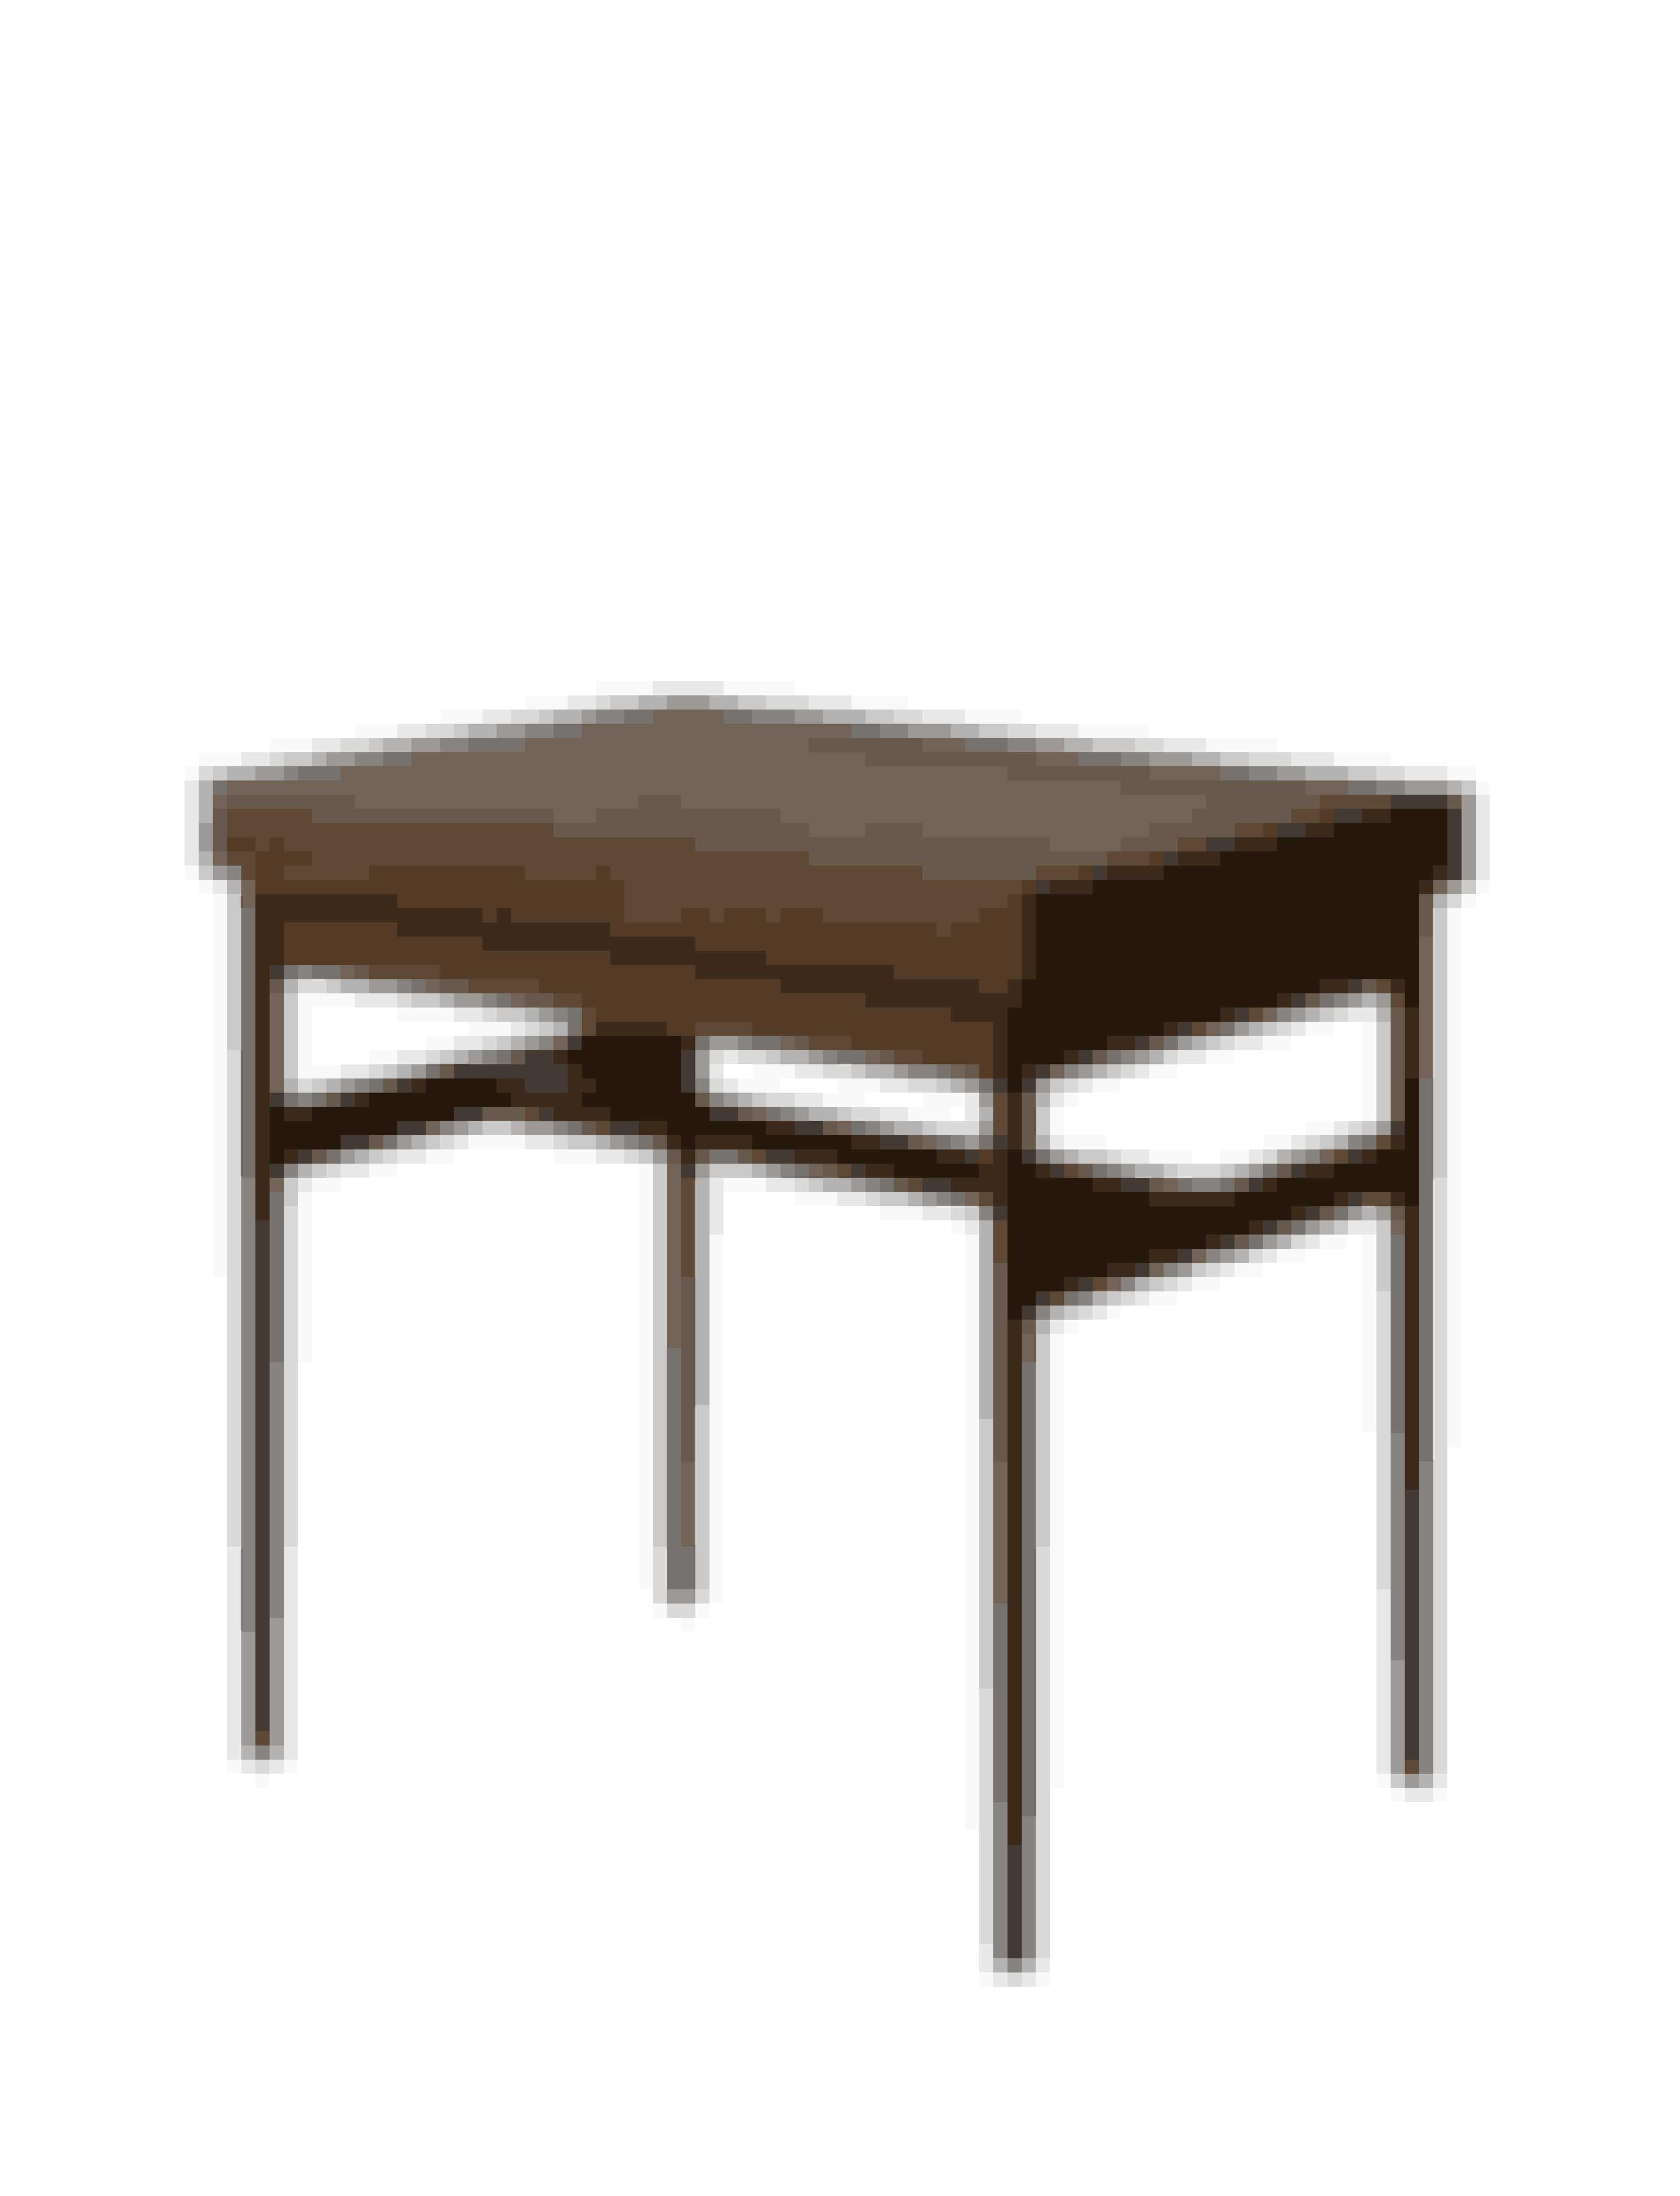 'Kunstsamlerens bord', Finn Juhl, 29.950 kr.